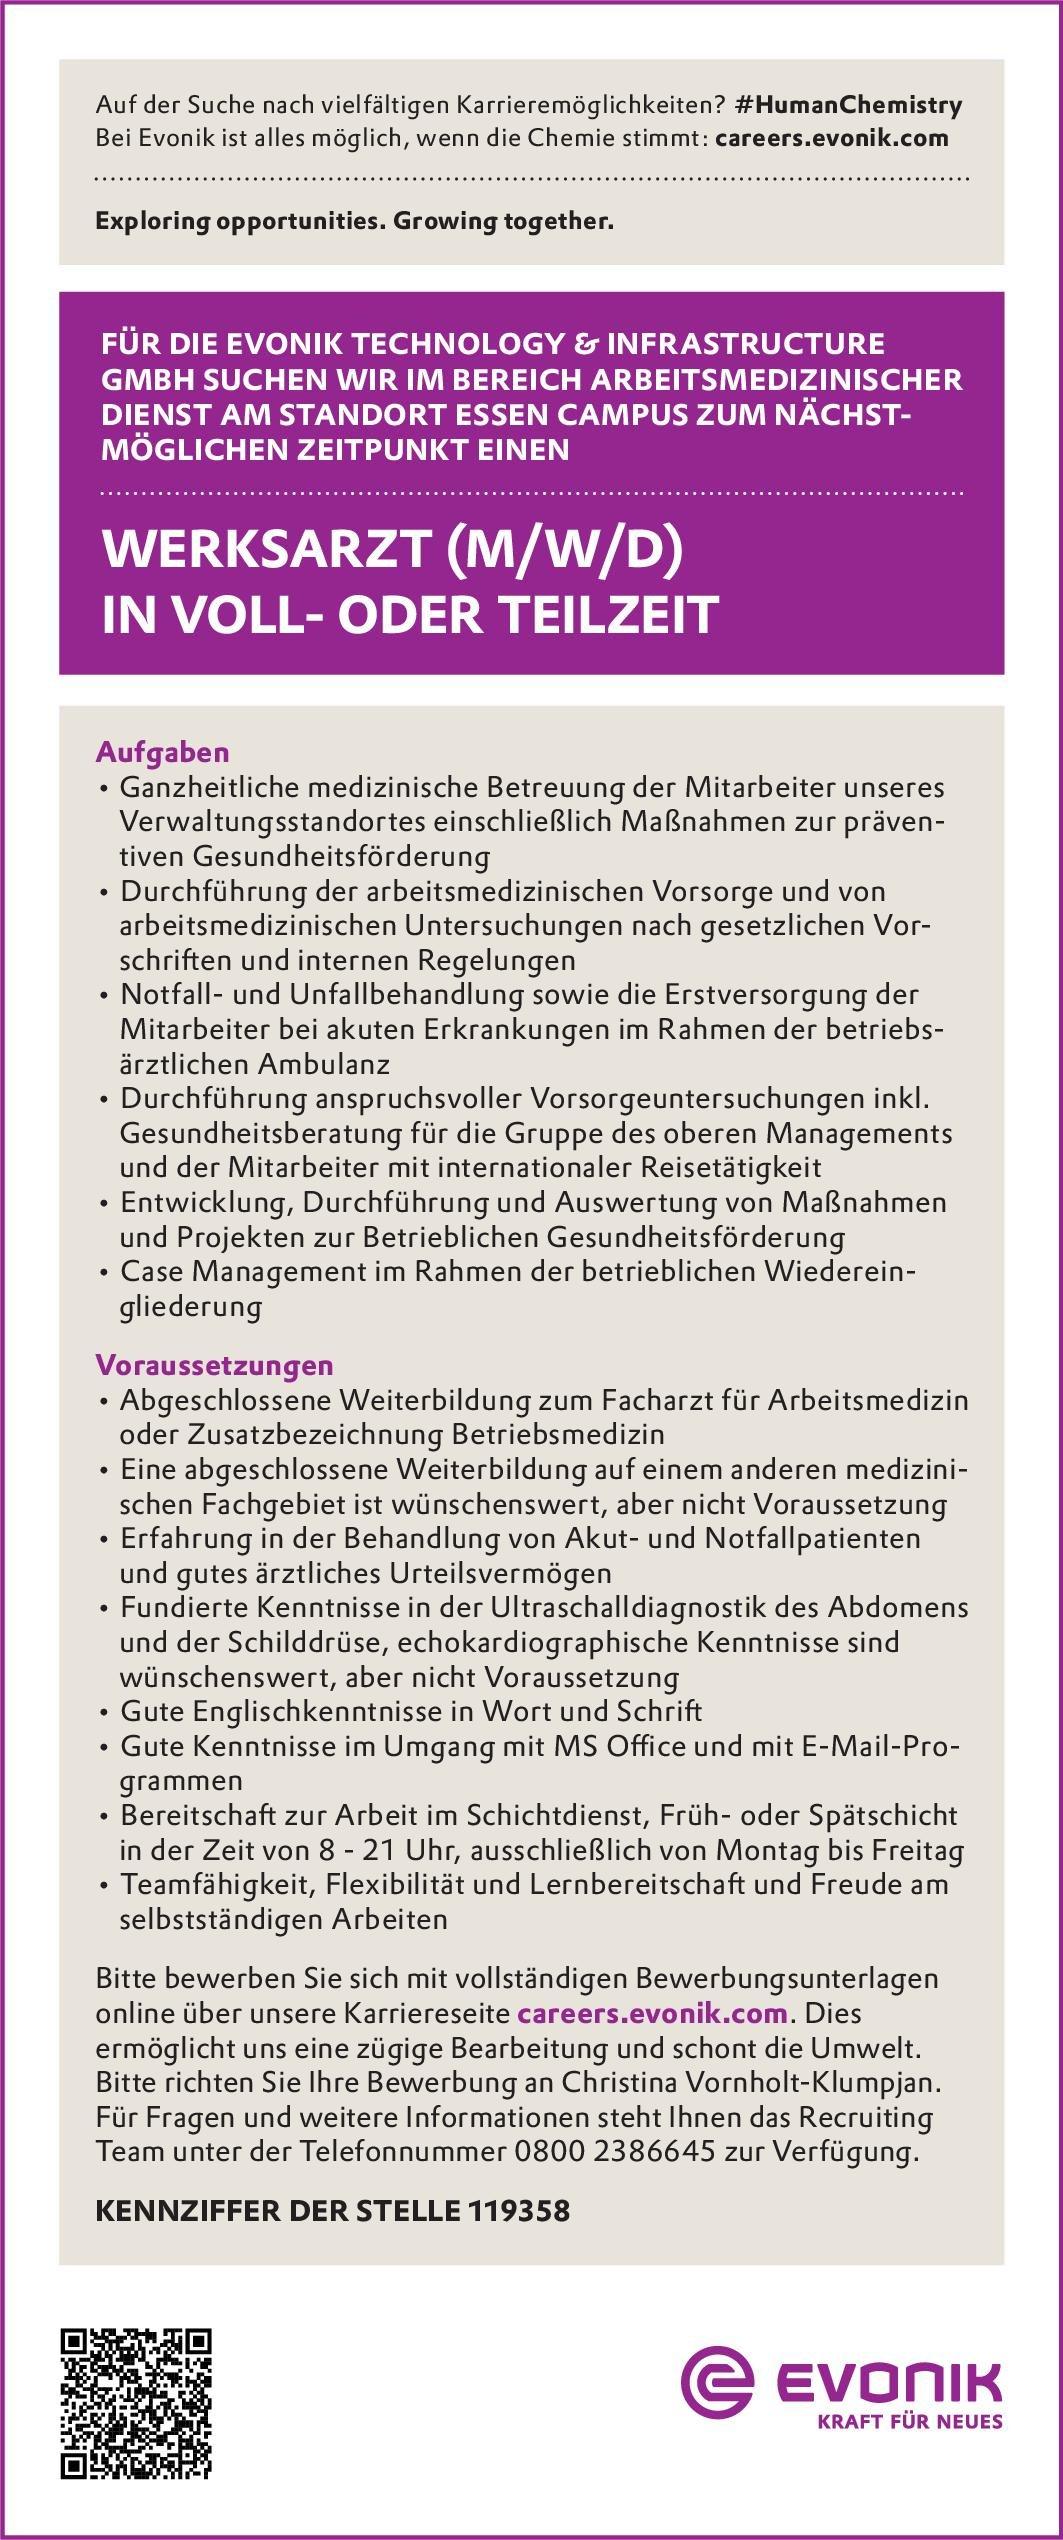 EVONIK TECHNOLOGY & INFRASTRUCTURE GMBH Werksarzt (m/w/d) Arbeitsmedizin Arzt / Facharzt, Betriebsarzt